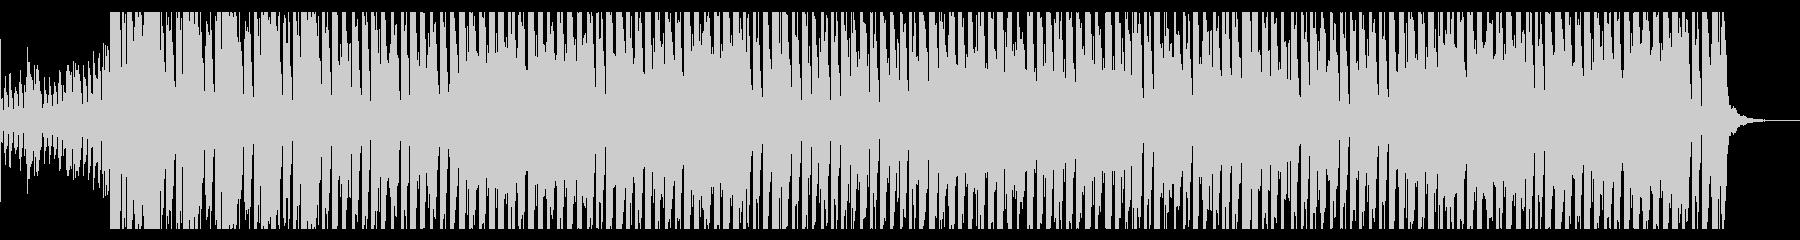 ドンキーコング風ジャングルBGMの未再生の波形